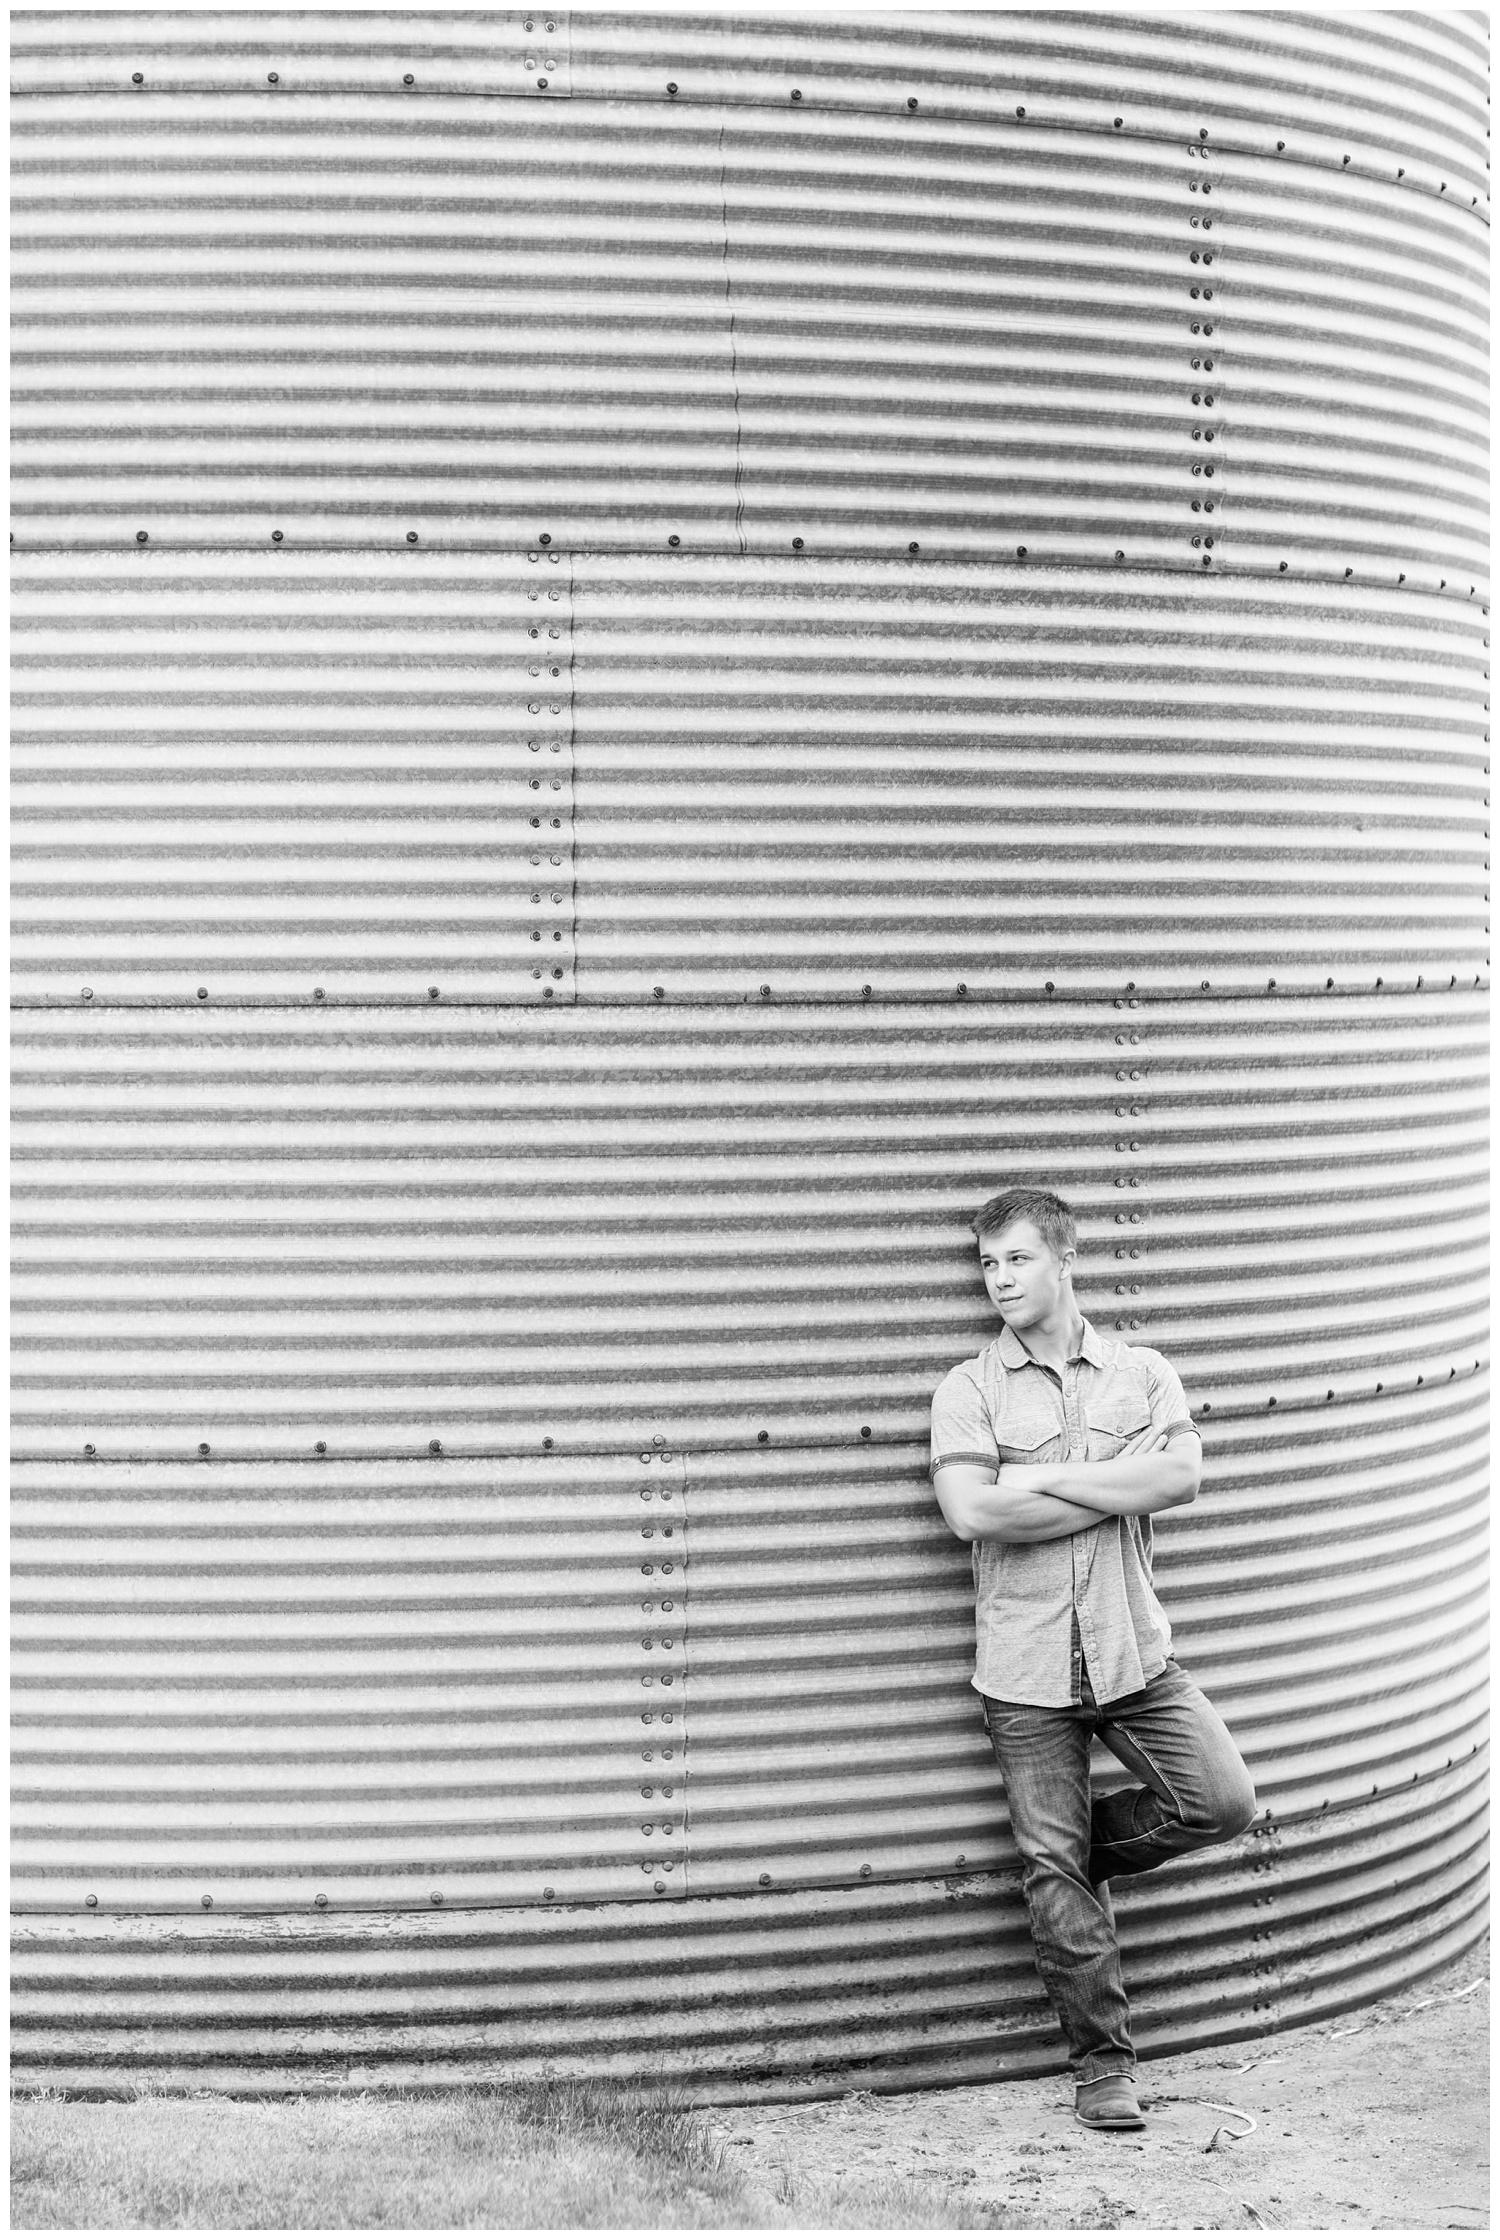 Senior boy leans against a grain bin a on rural Iowa farm | CB Studio